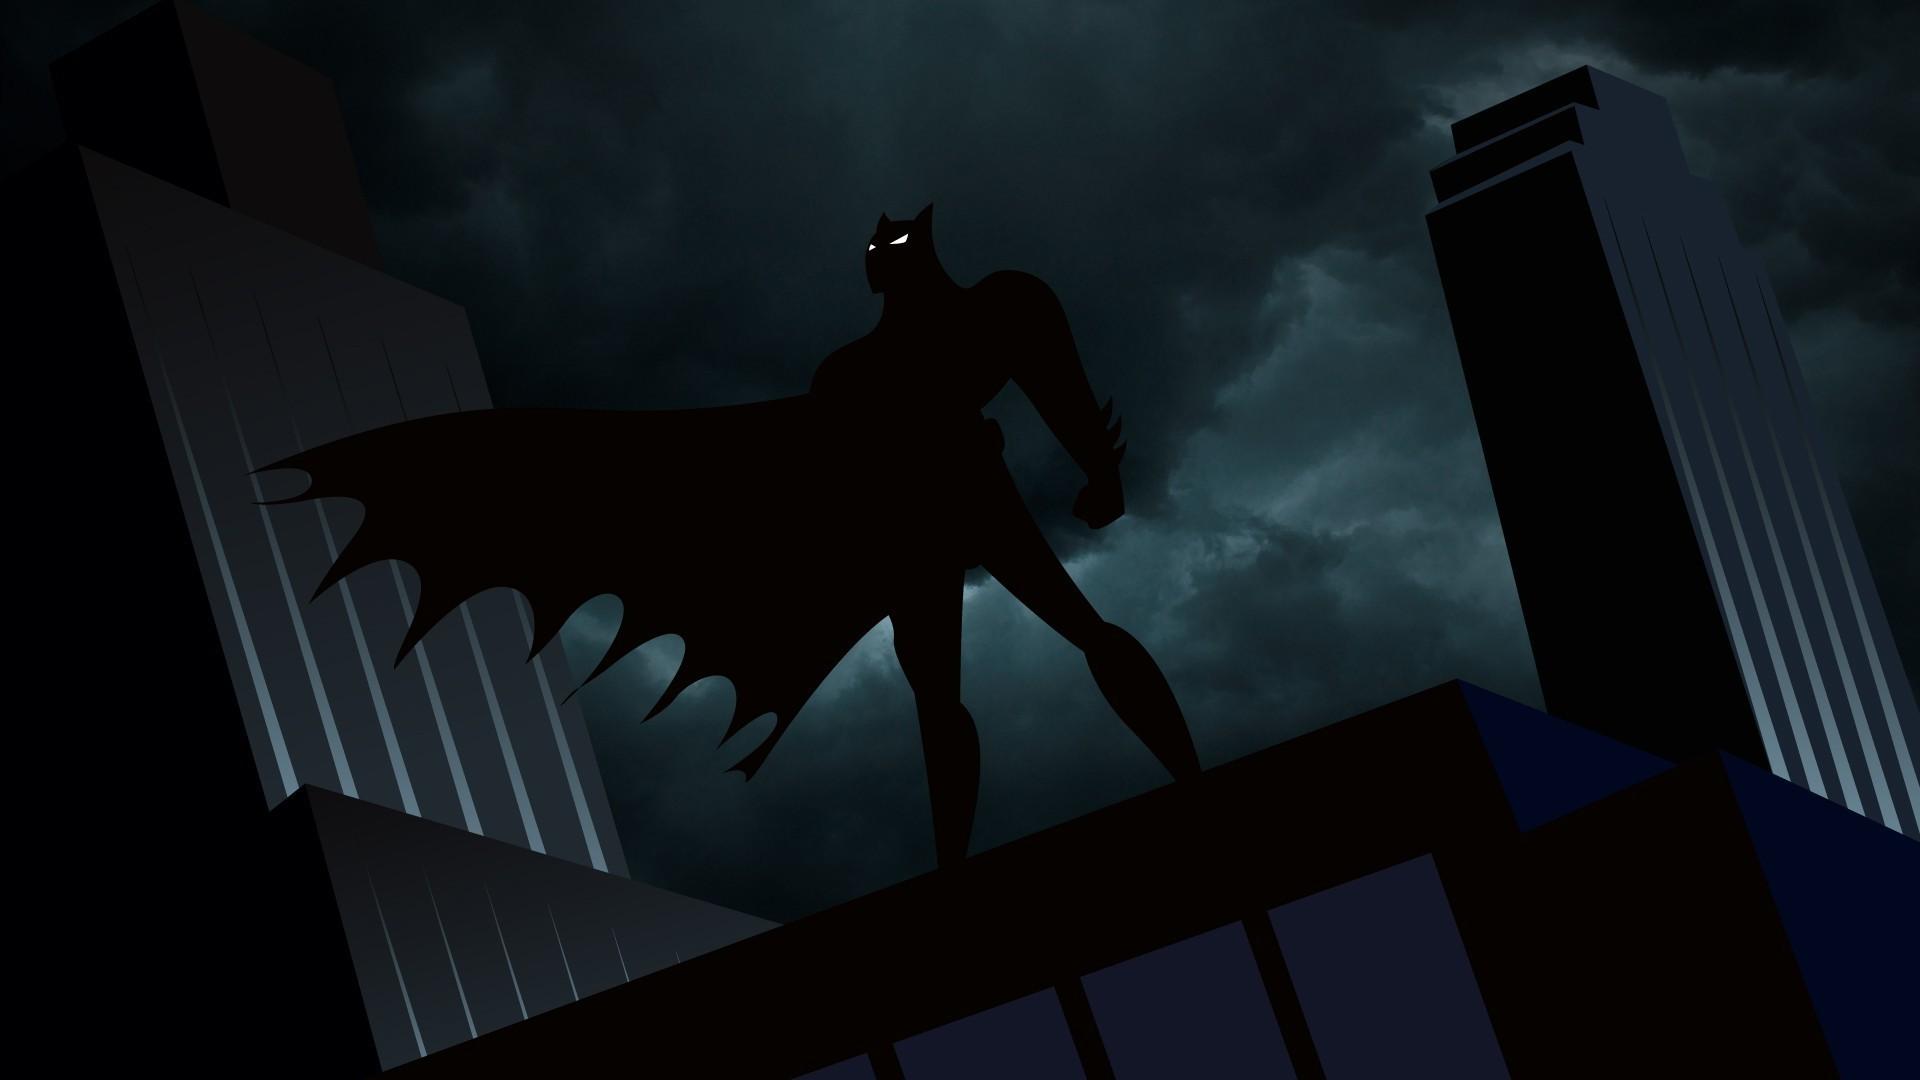 Batman Tv Series Wallpaper 66 Images